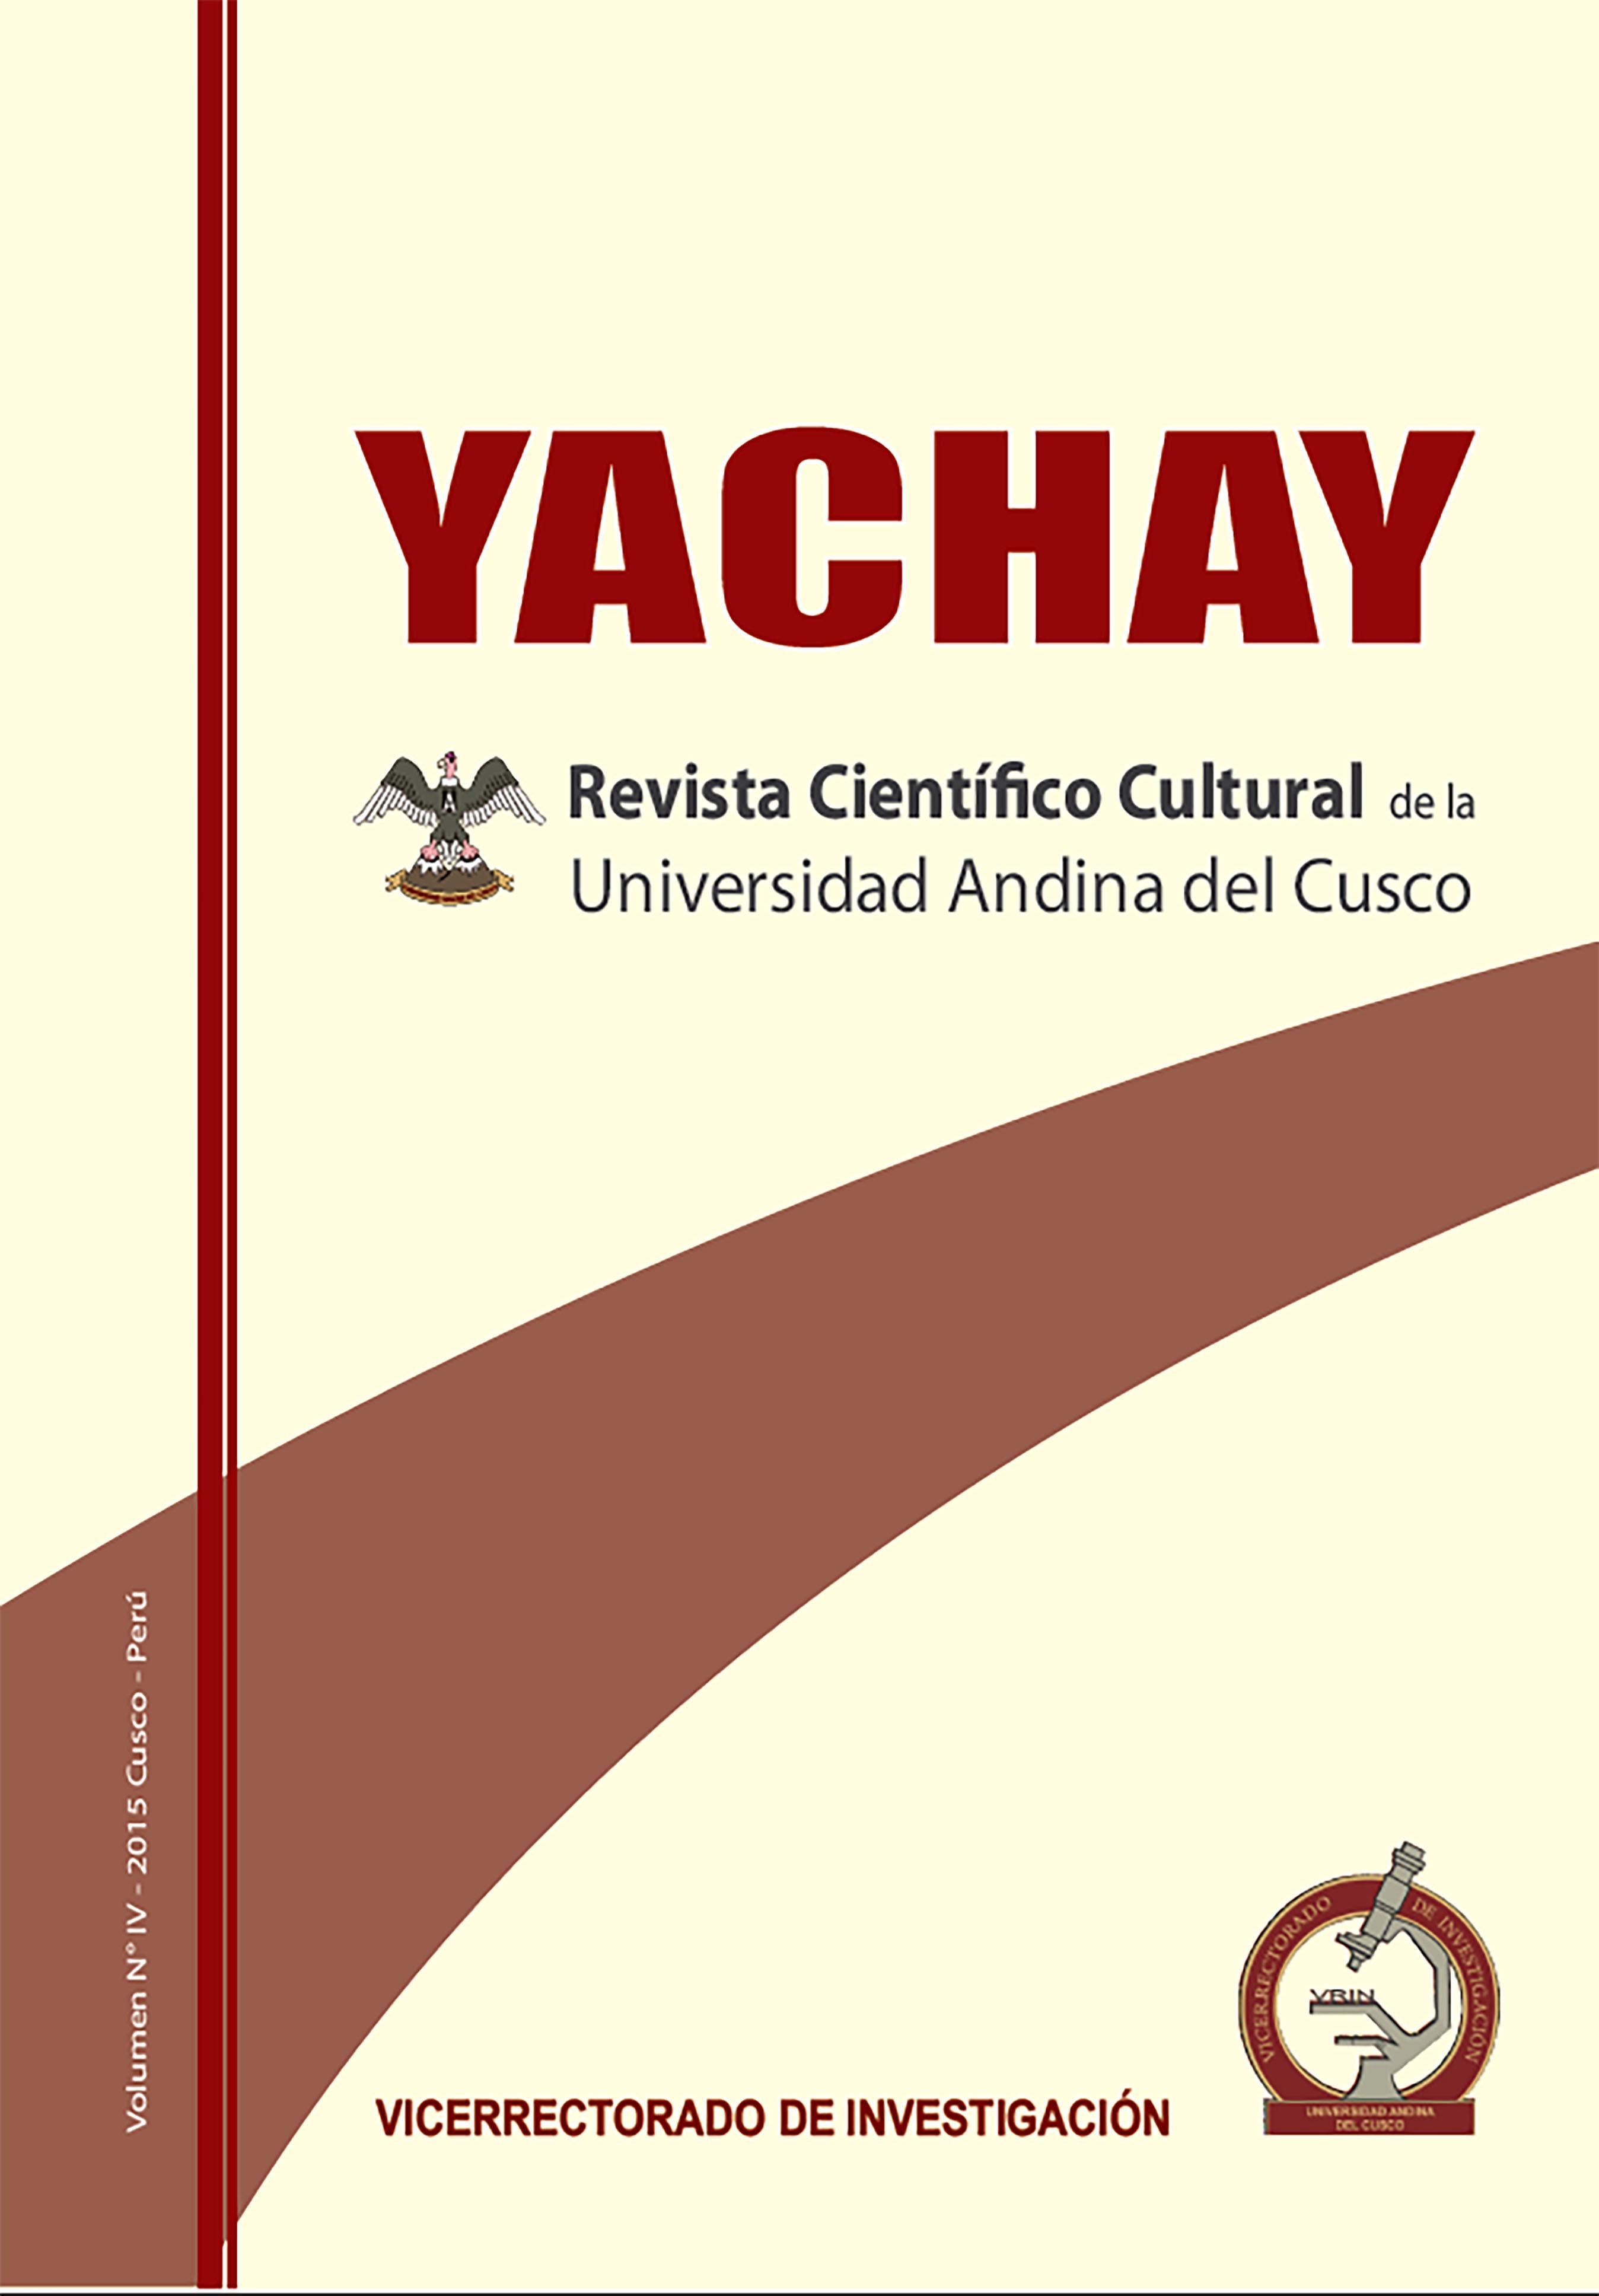 Yachay Revista científico cultural 2015 (publicación retroactiva)